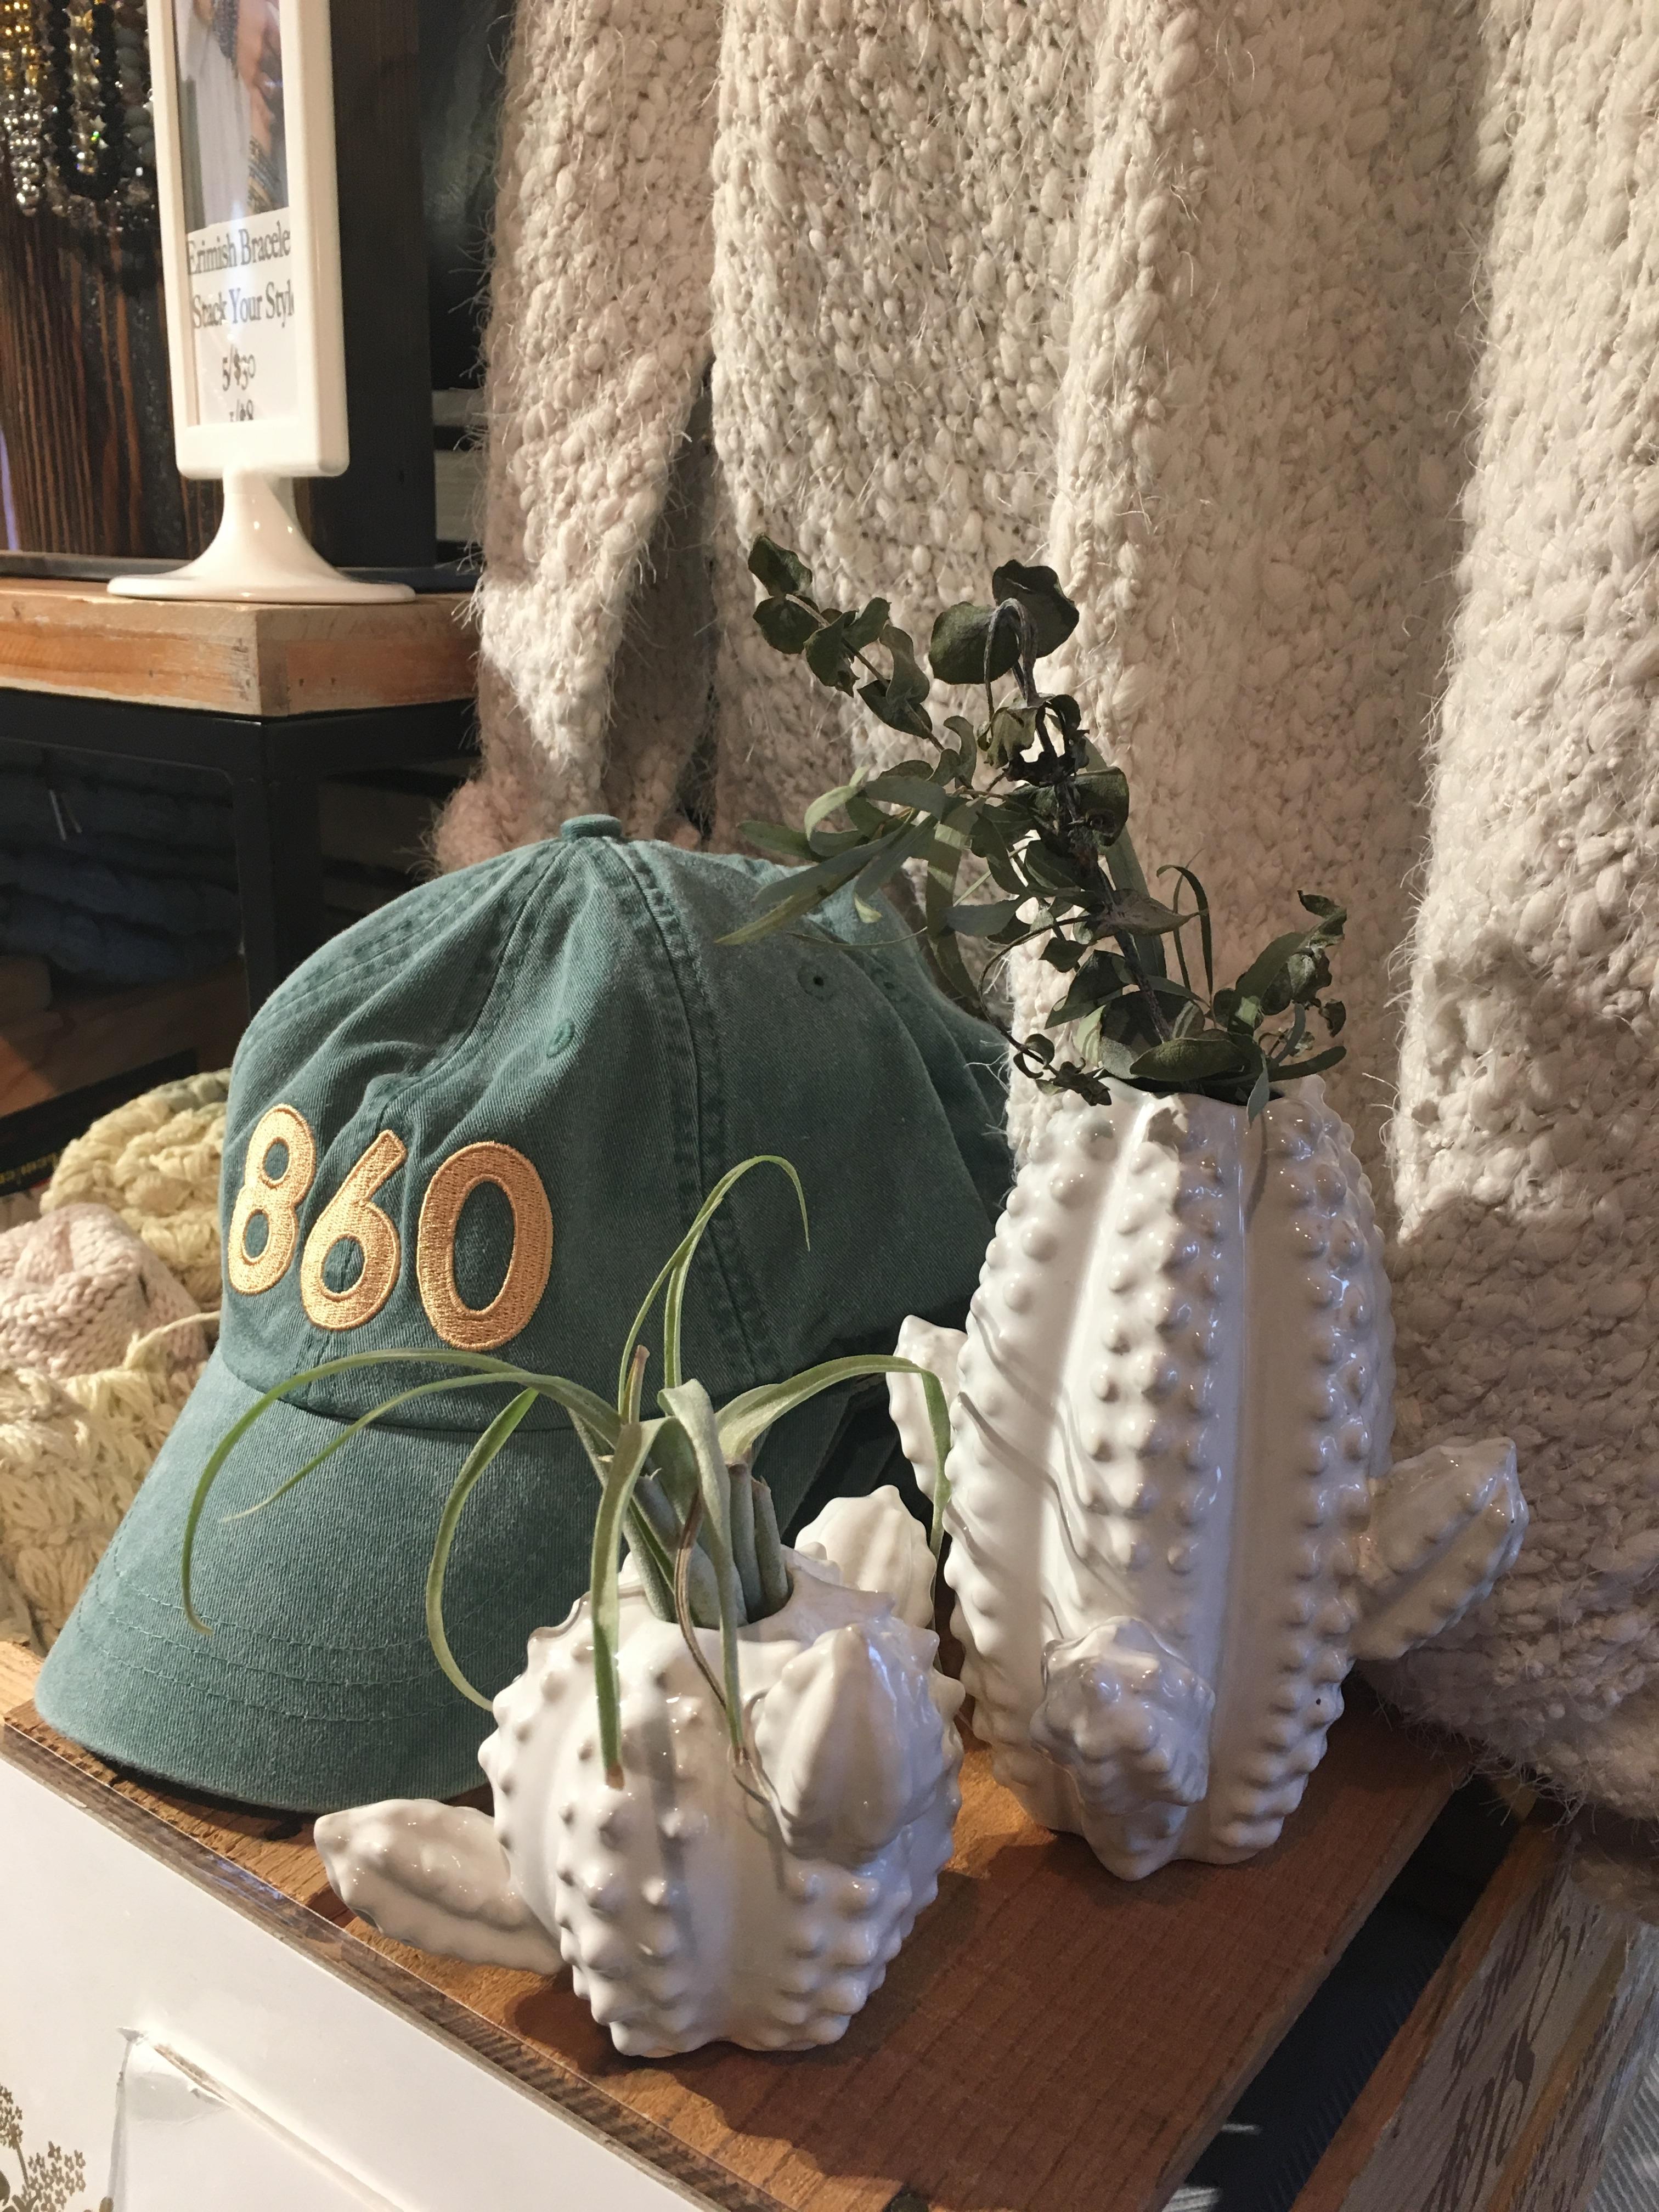 860 cap and cactus vase